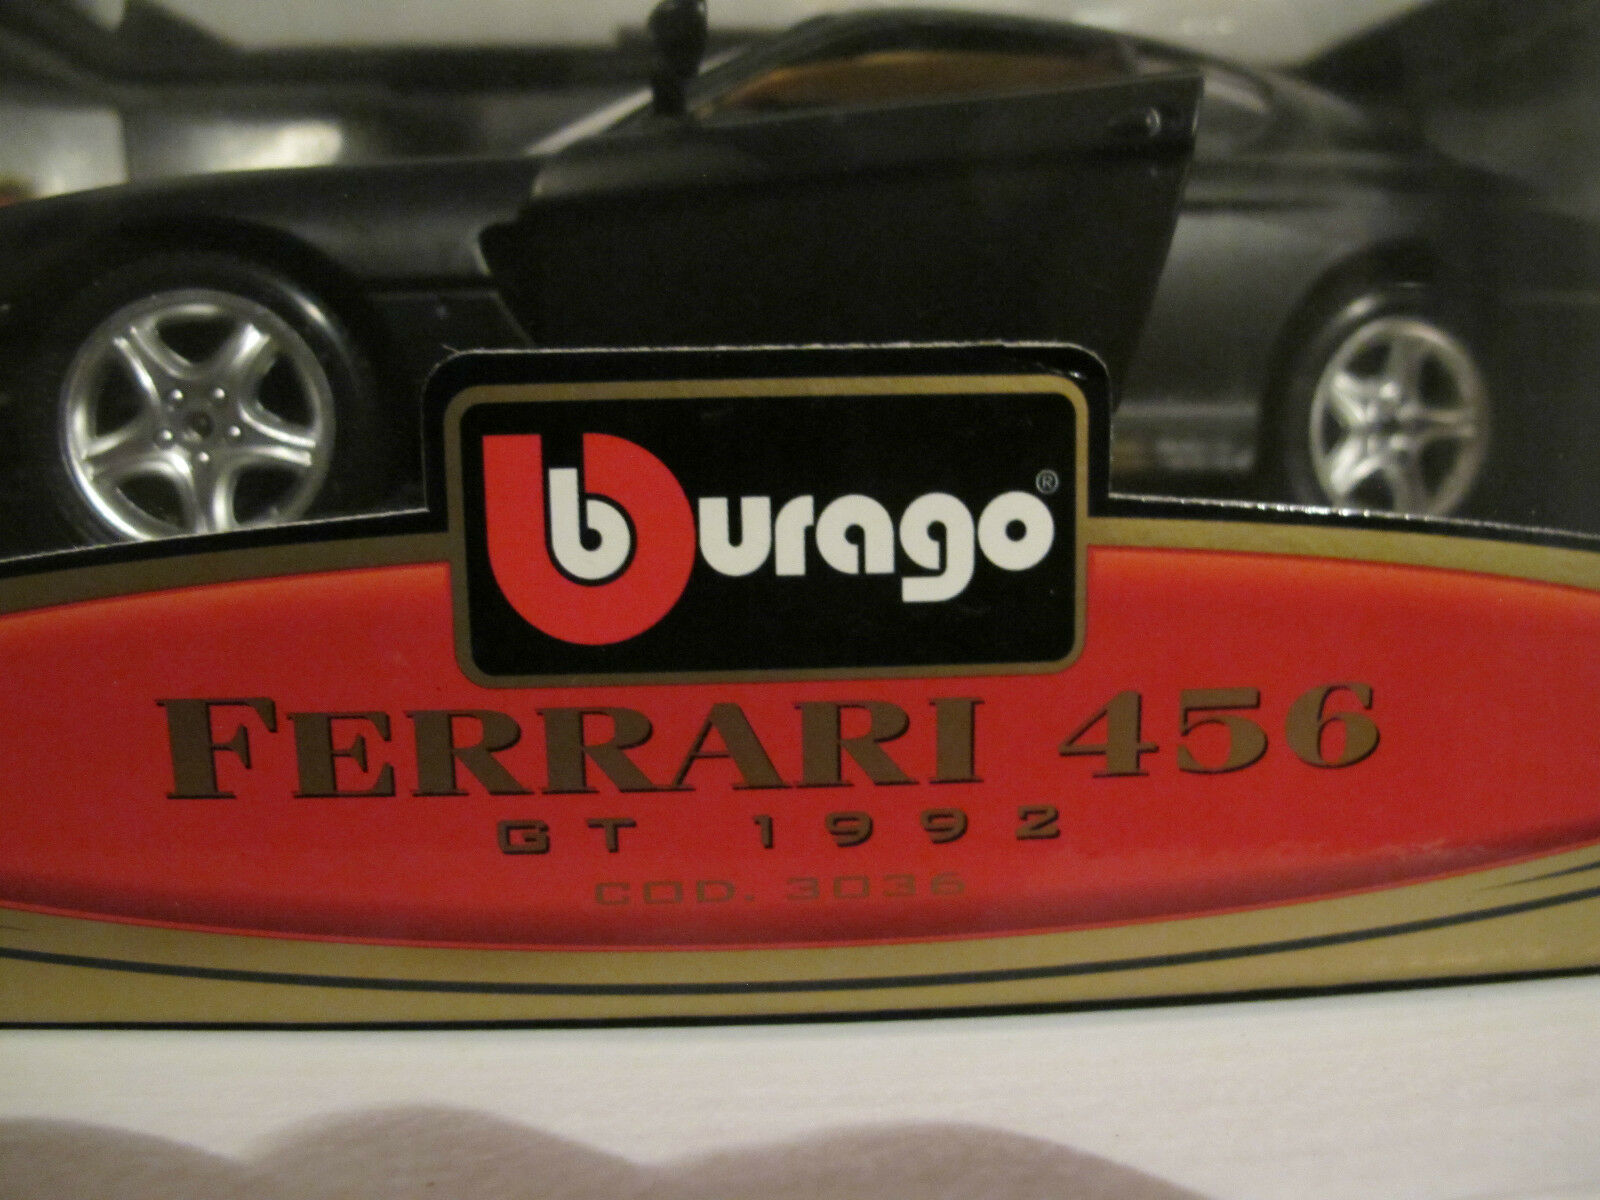 1 18 18 18 Ferrari 456 GT matt schwarz Bburago limitiert Nr. 19 von 200, NEU & OVP 54a346